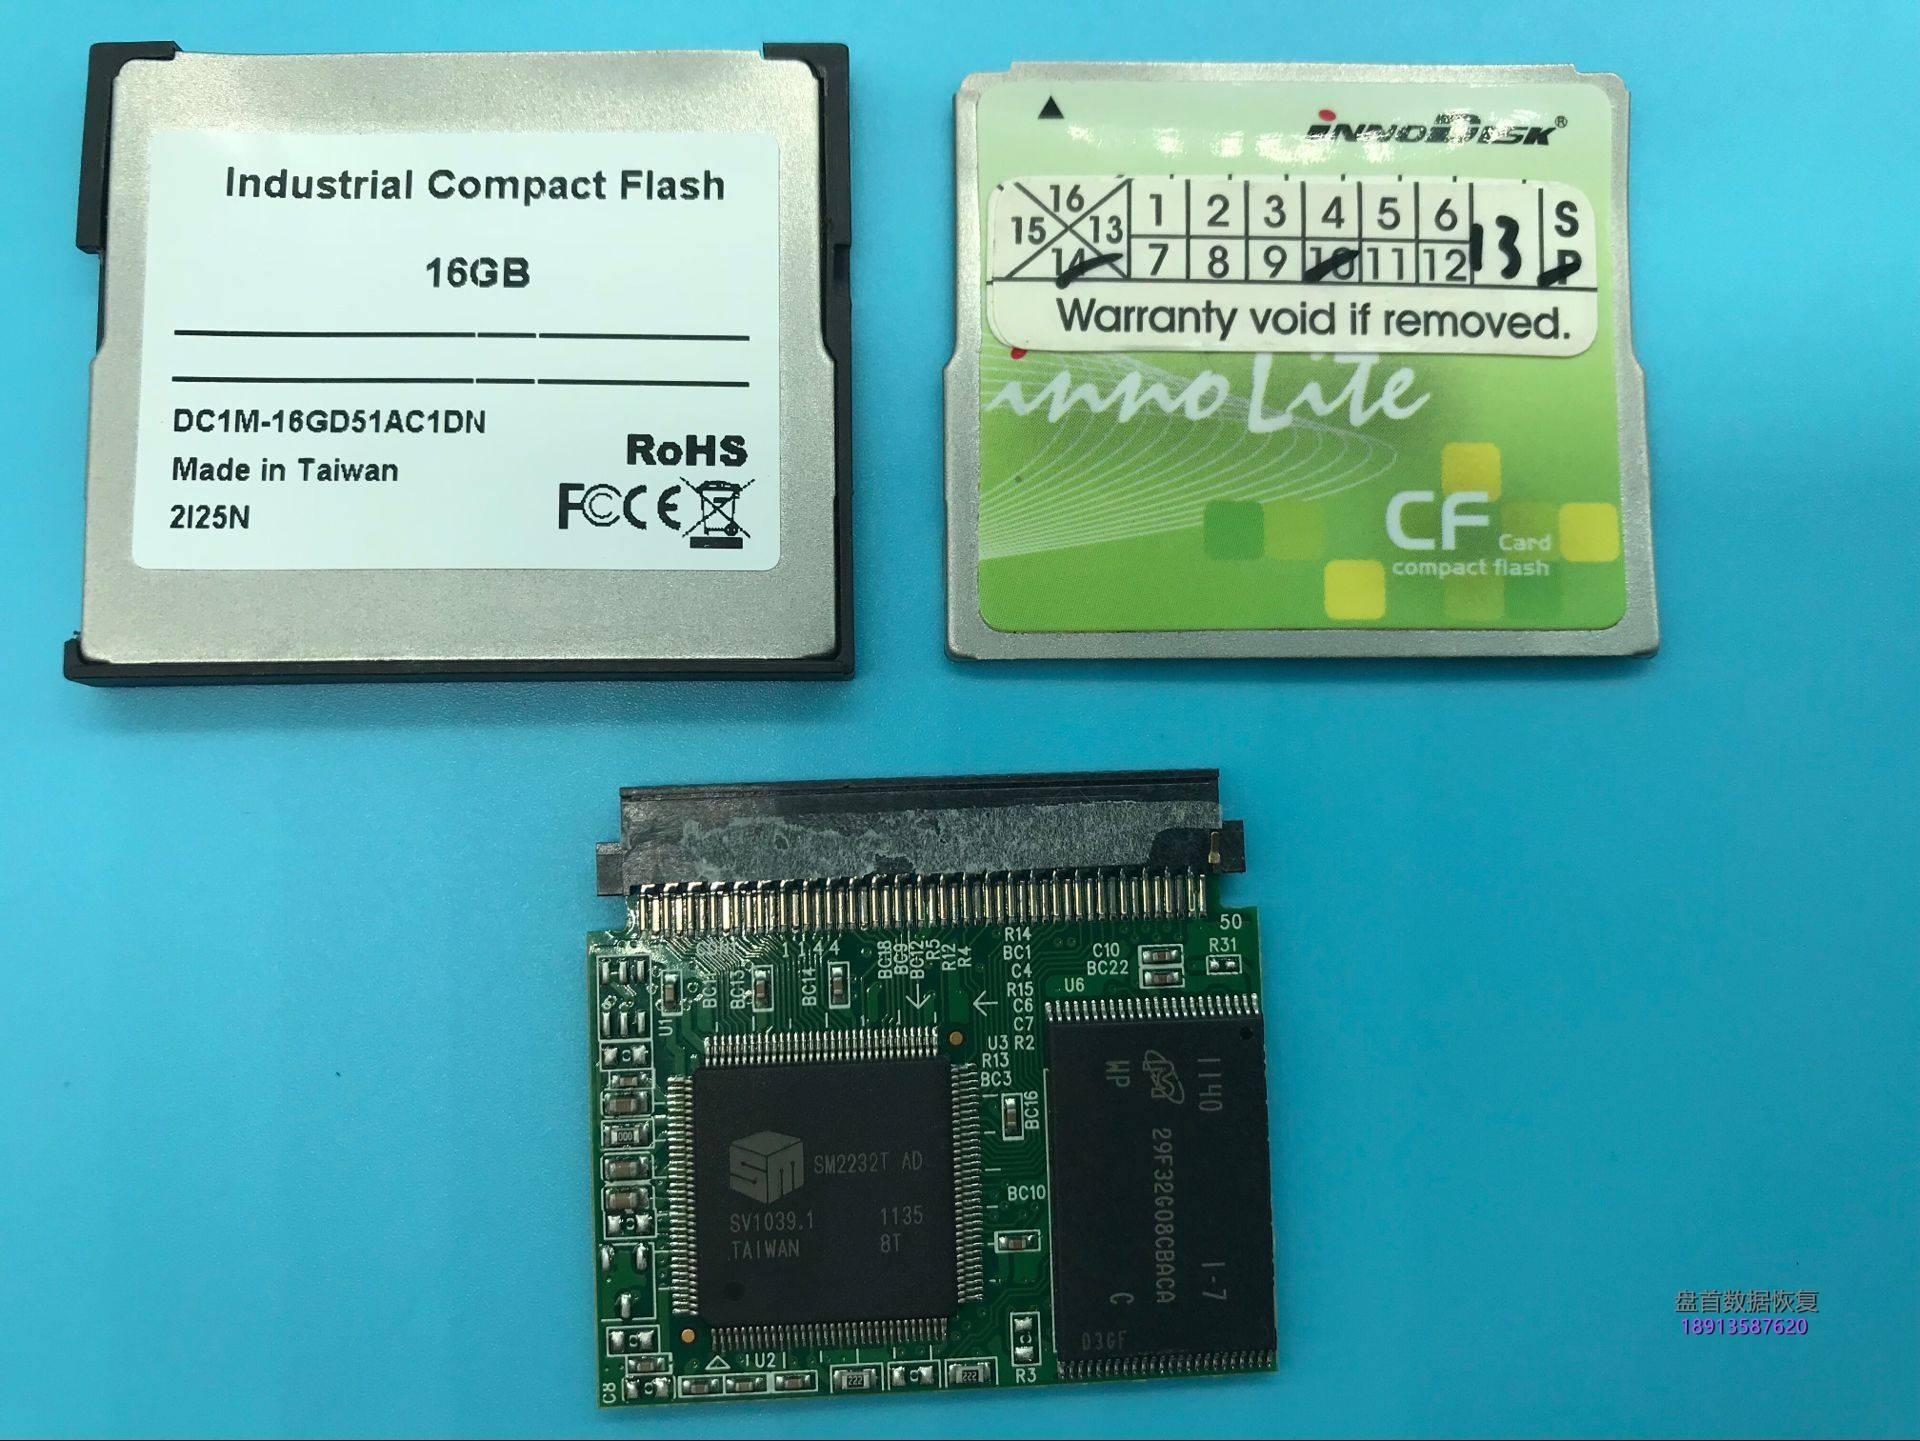 0-9 佳能相机卡损坏无法识别恢复高清MOV视频CF卡SM2232T数据恢复成功